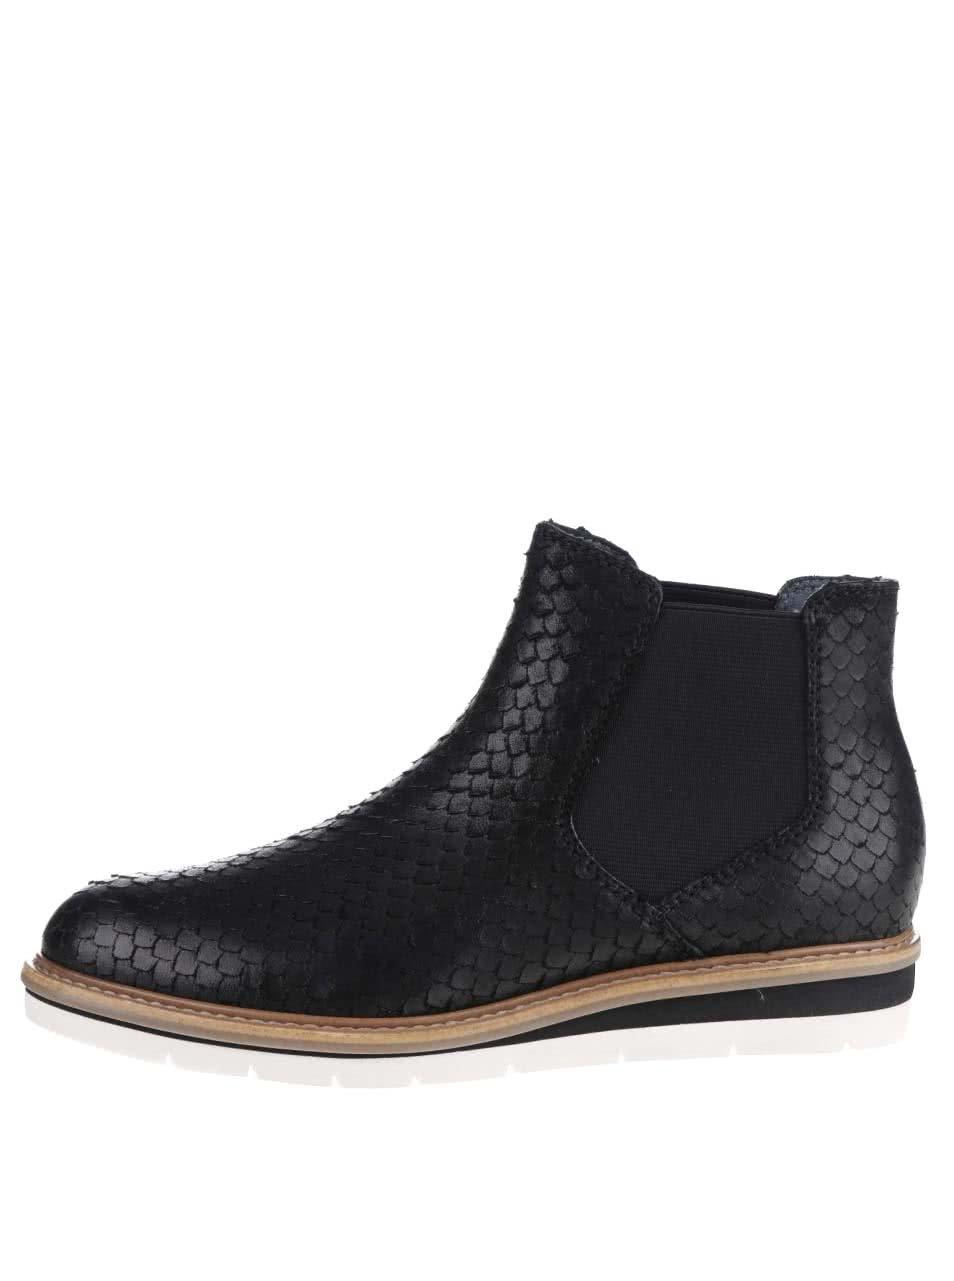 Černé kožené vzorované chelsea boty Tamaris